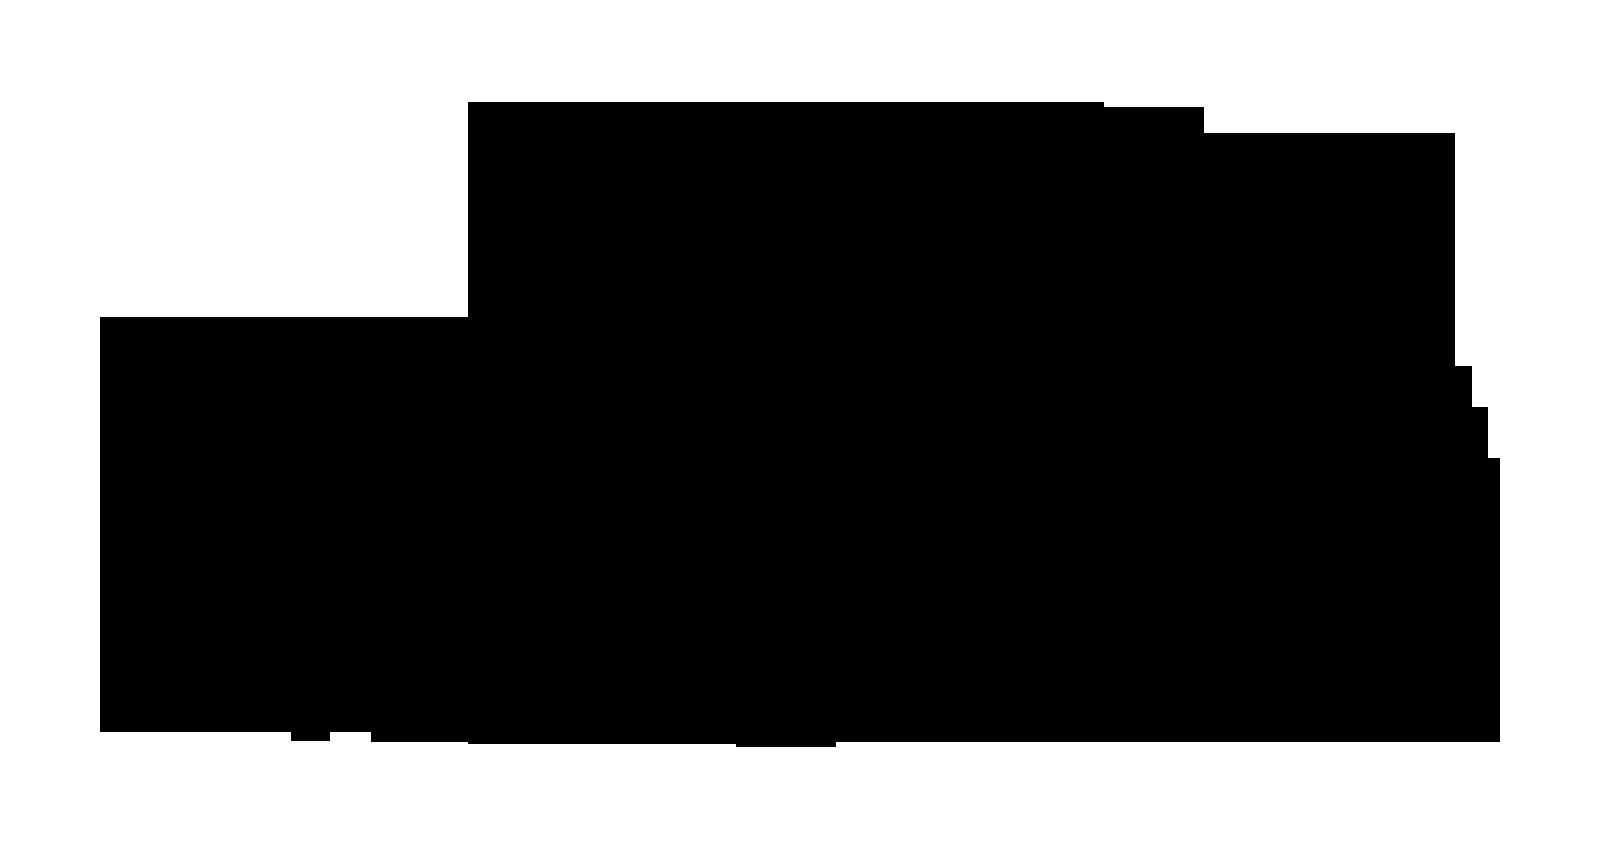 56067a11-6fa6-4f50-96cc-6bb1eb7a0485.png